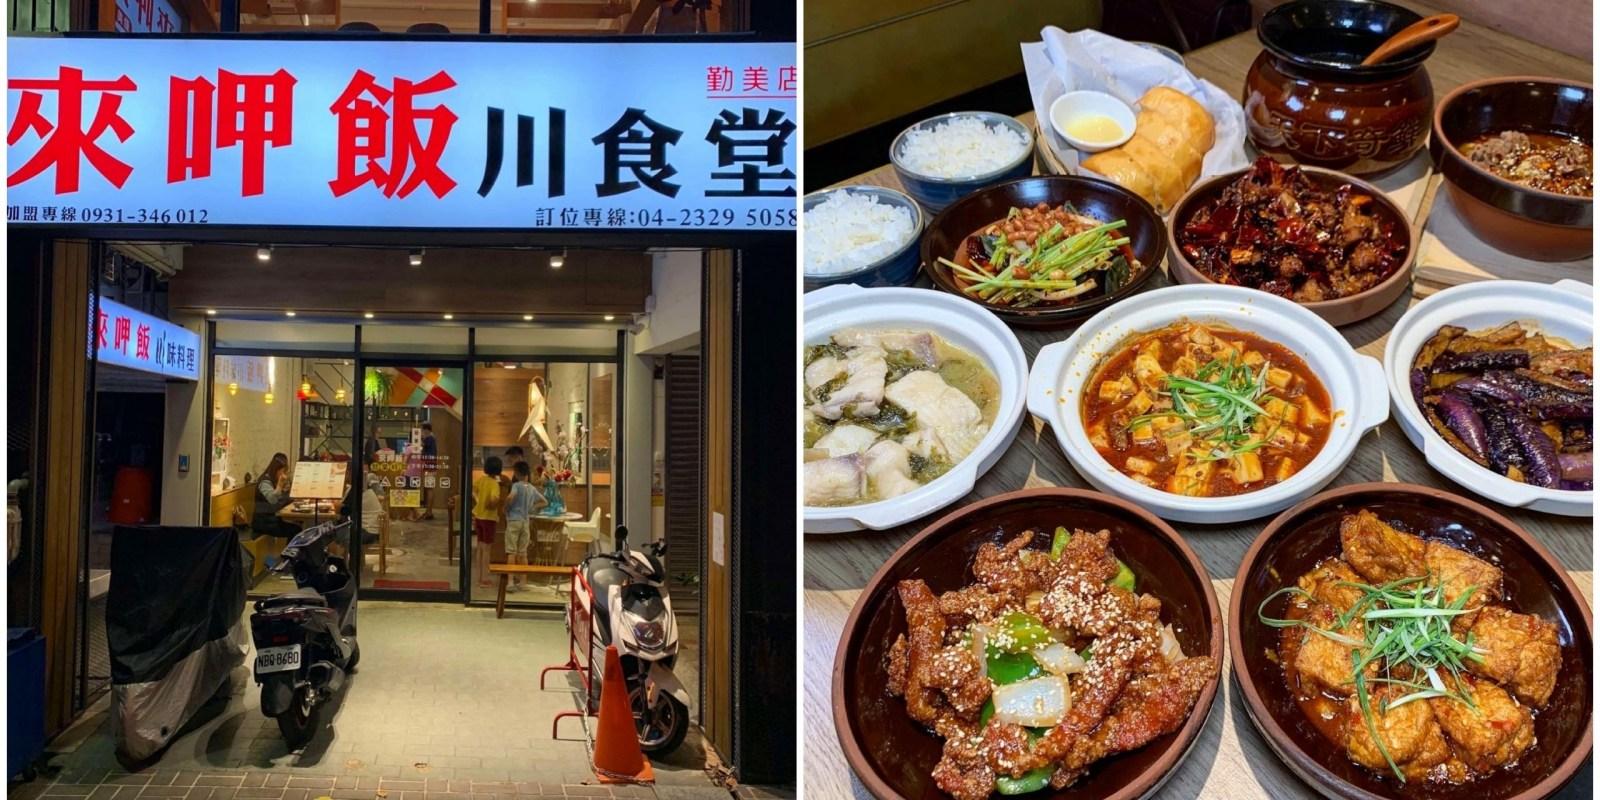 來呷飯川食堂的2021年外送、外帶、菜單、優惠、最新品項和分店介紹(5月更新)